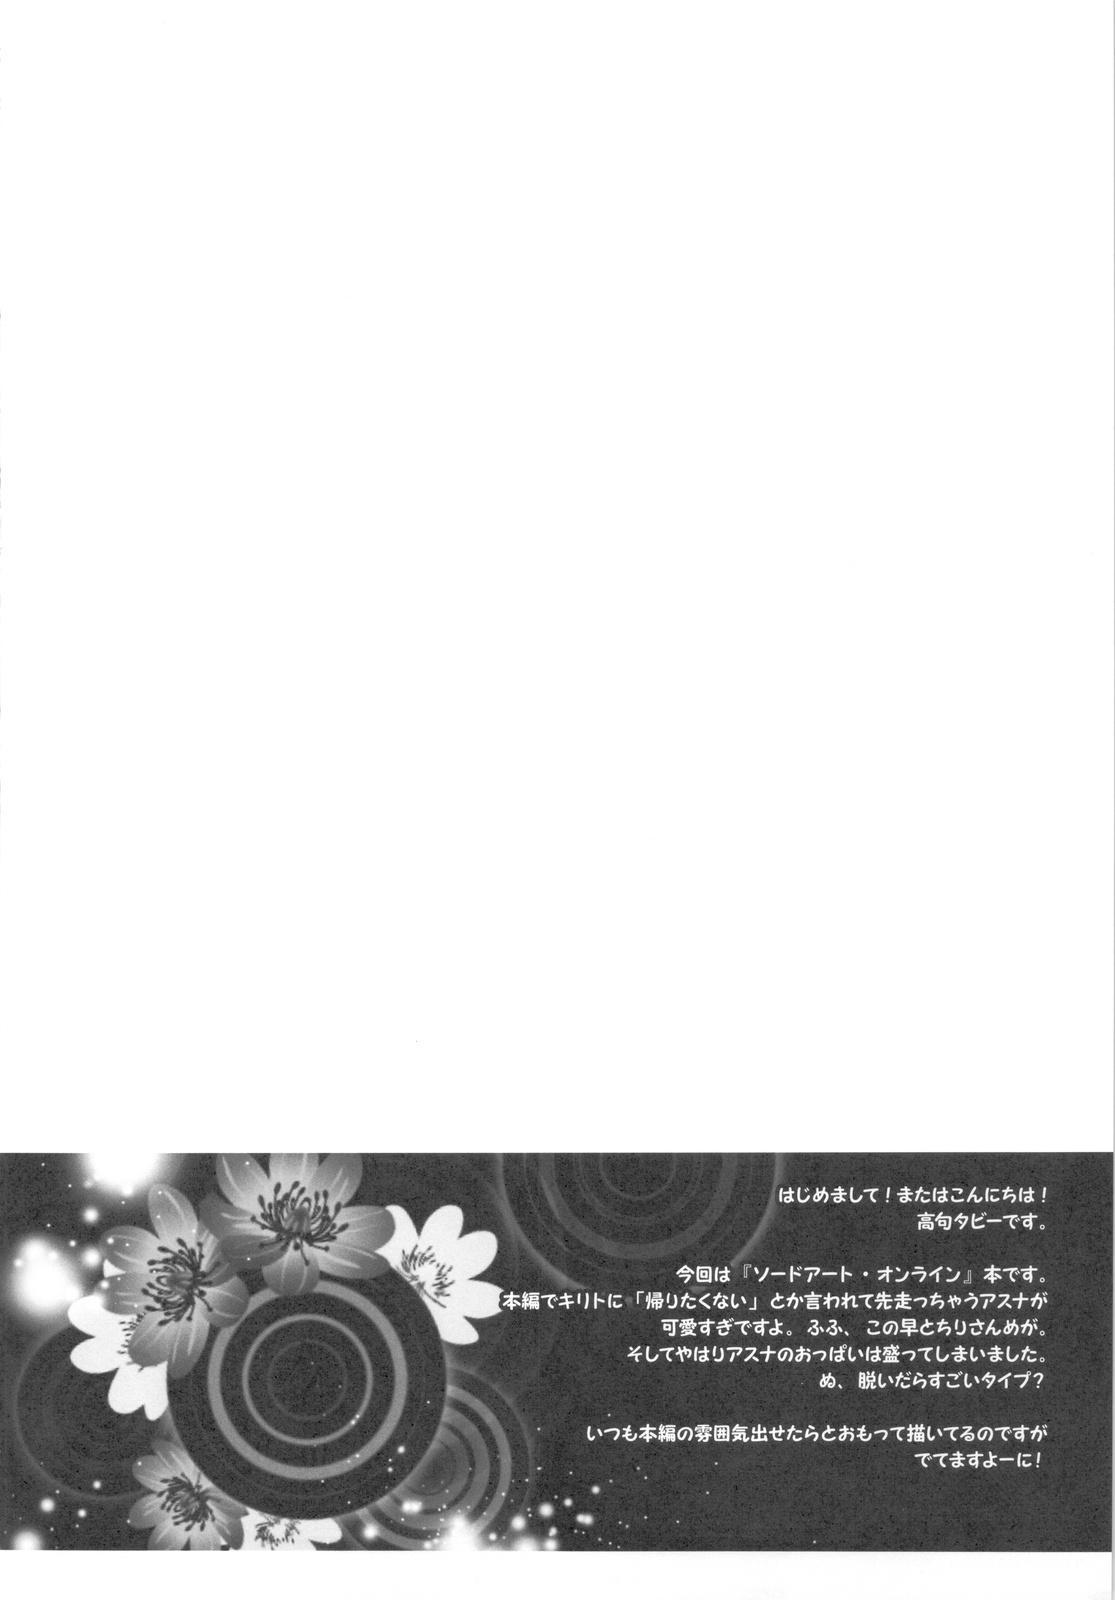 Asuna to no Seikatsu ga Motto Eroku Naru Hon 2